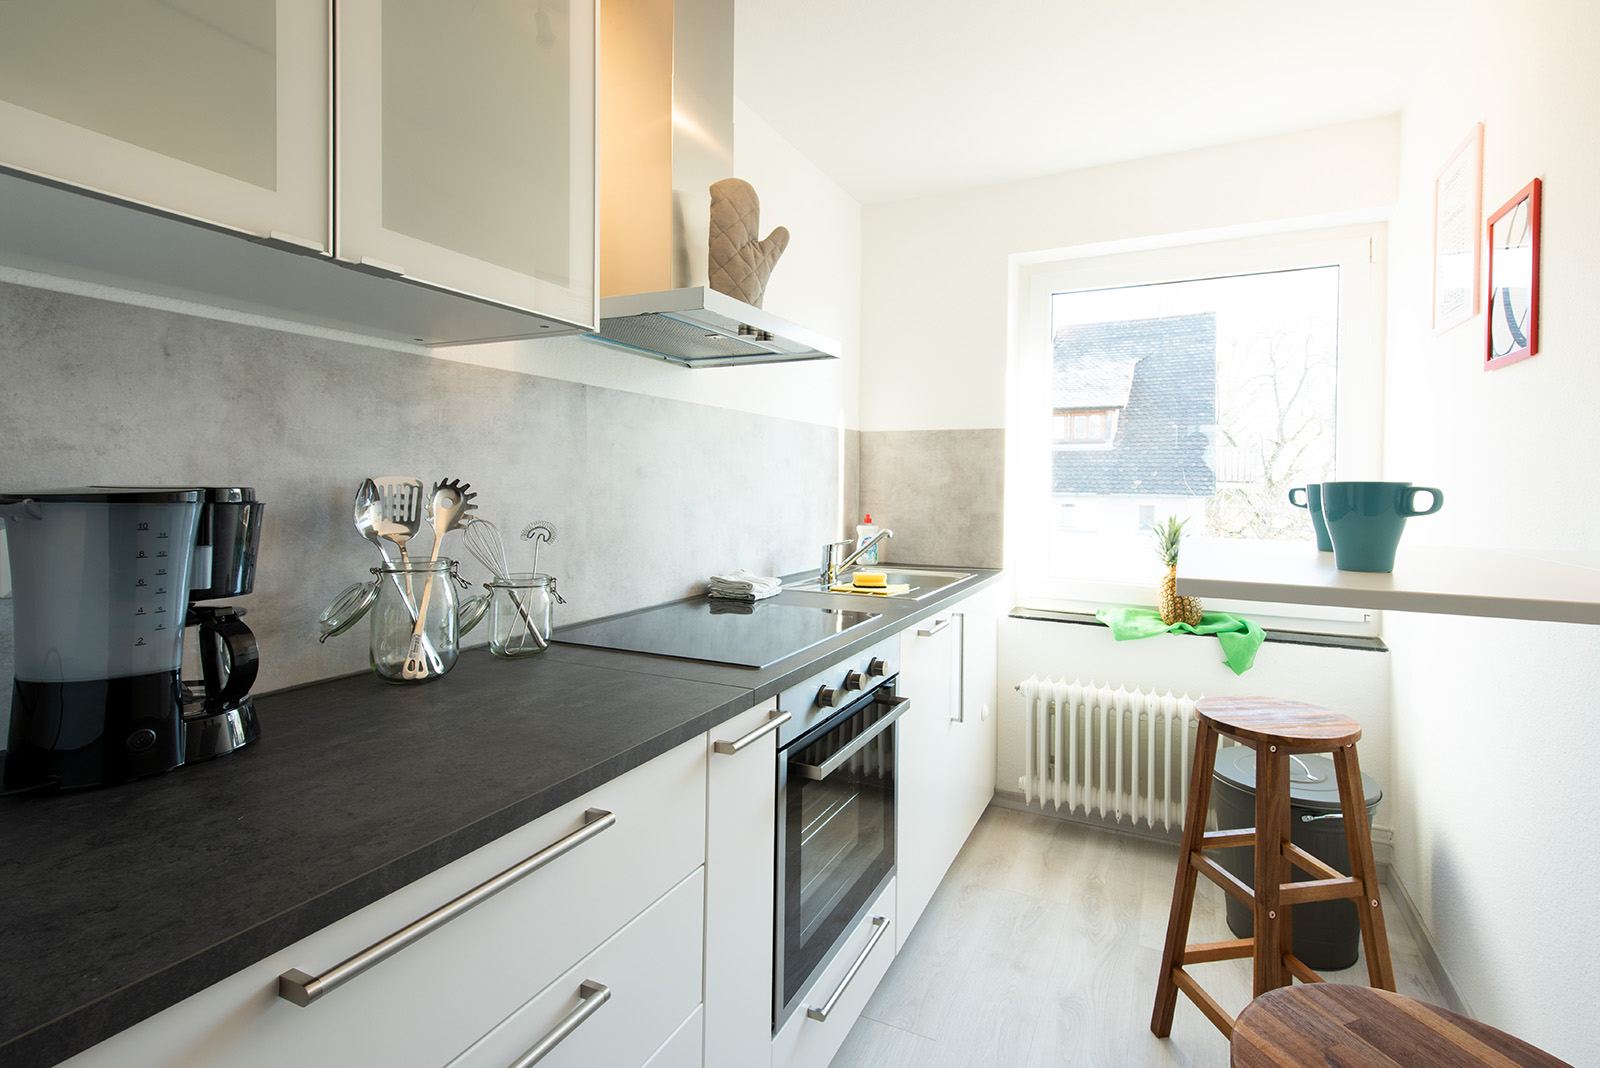 Ferienwohnung am Bodensee: Ittendorf - Küche